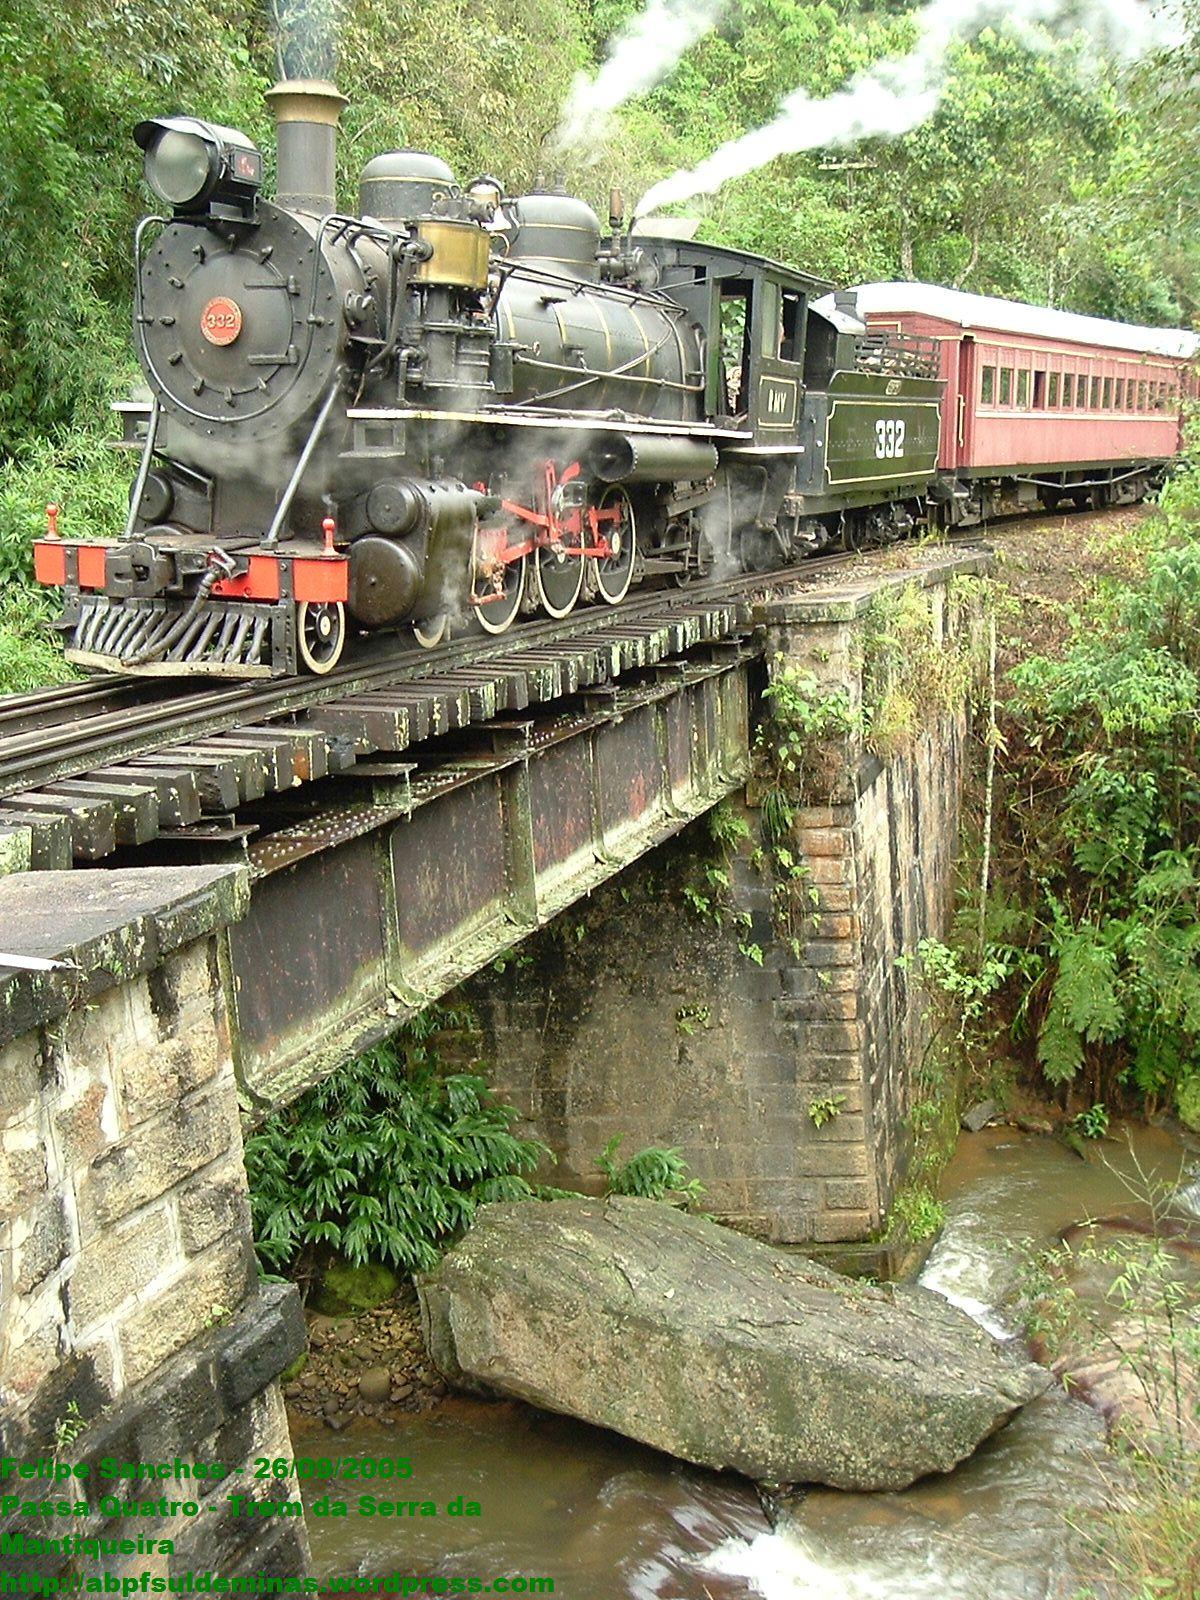 Trem da Serra da Mantiqueira – Wikipédia, a enciclopédia livre